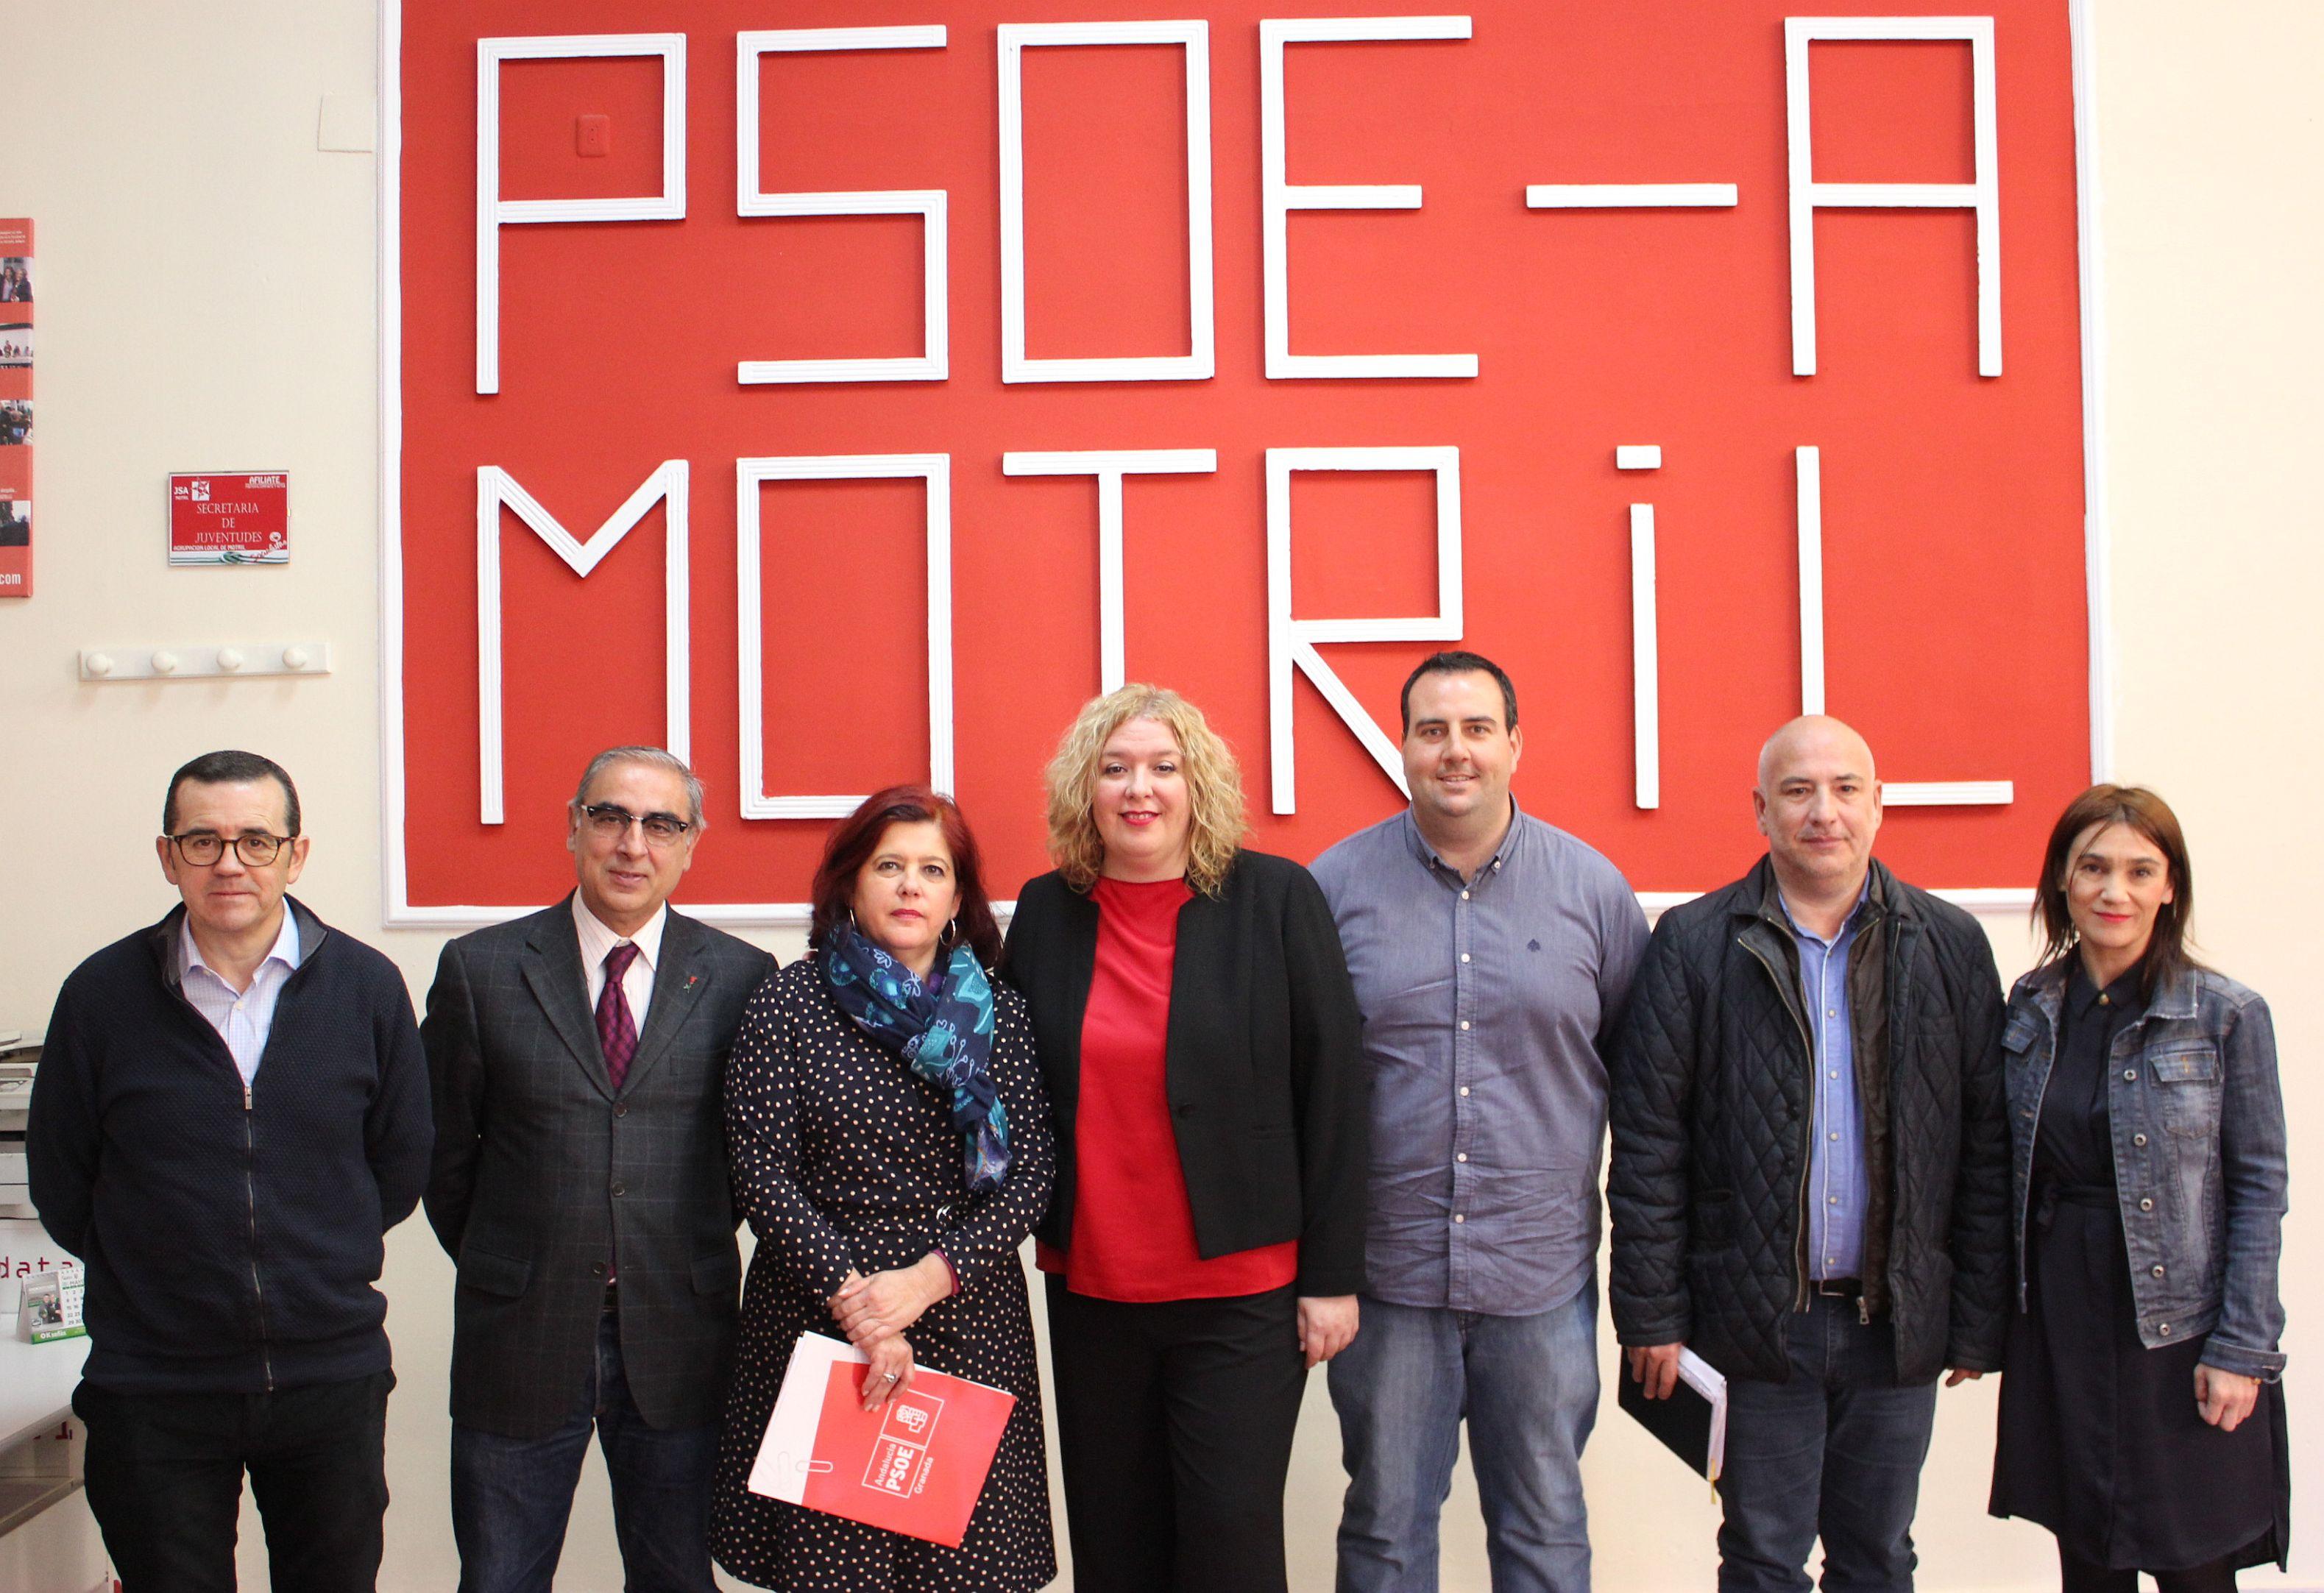 LOS SOCIALISTAS COMPARECEN PARA ANALIZAR LOS PRESUPUESTOS GENERALES DEL ESTADO (Foto: El Faro)